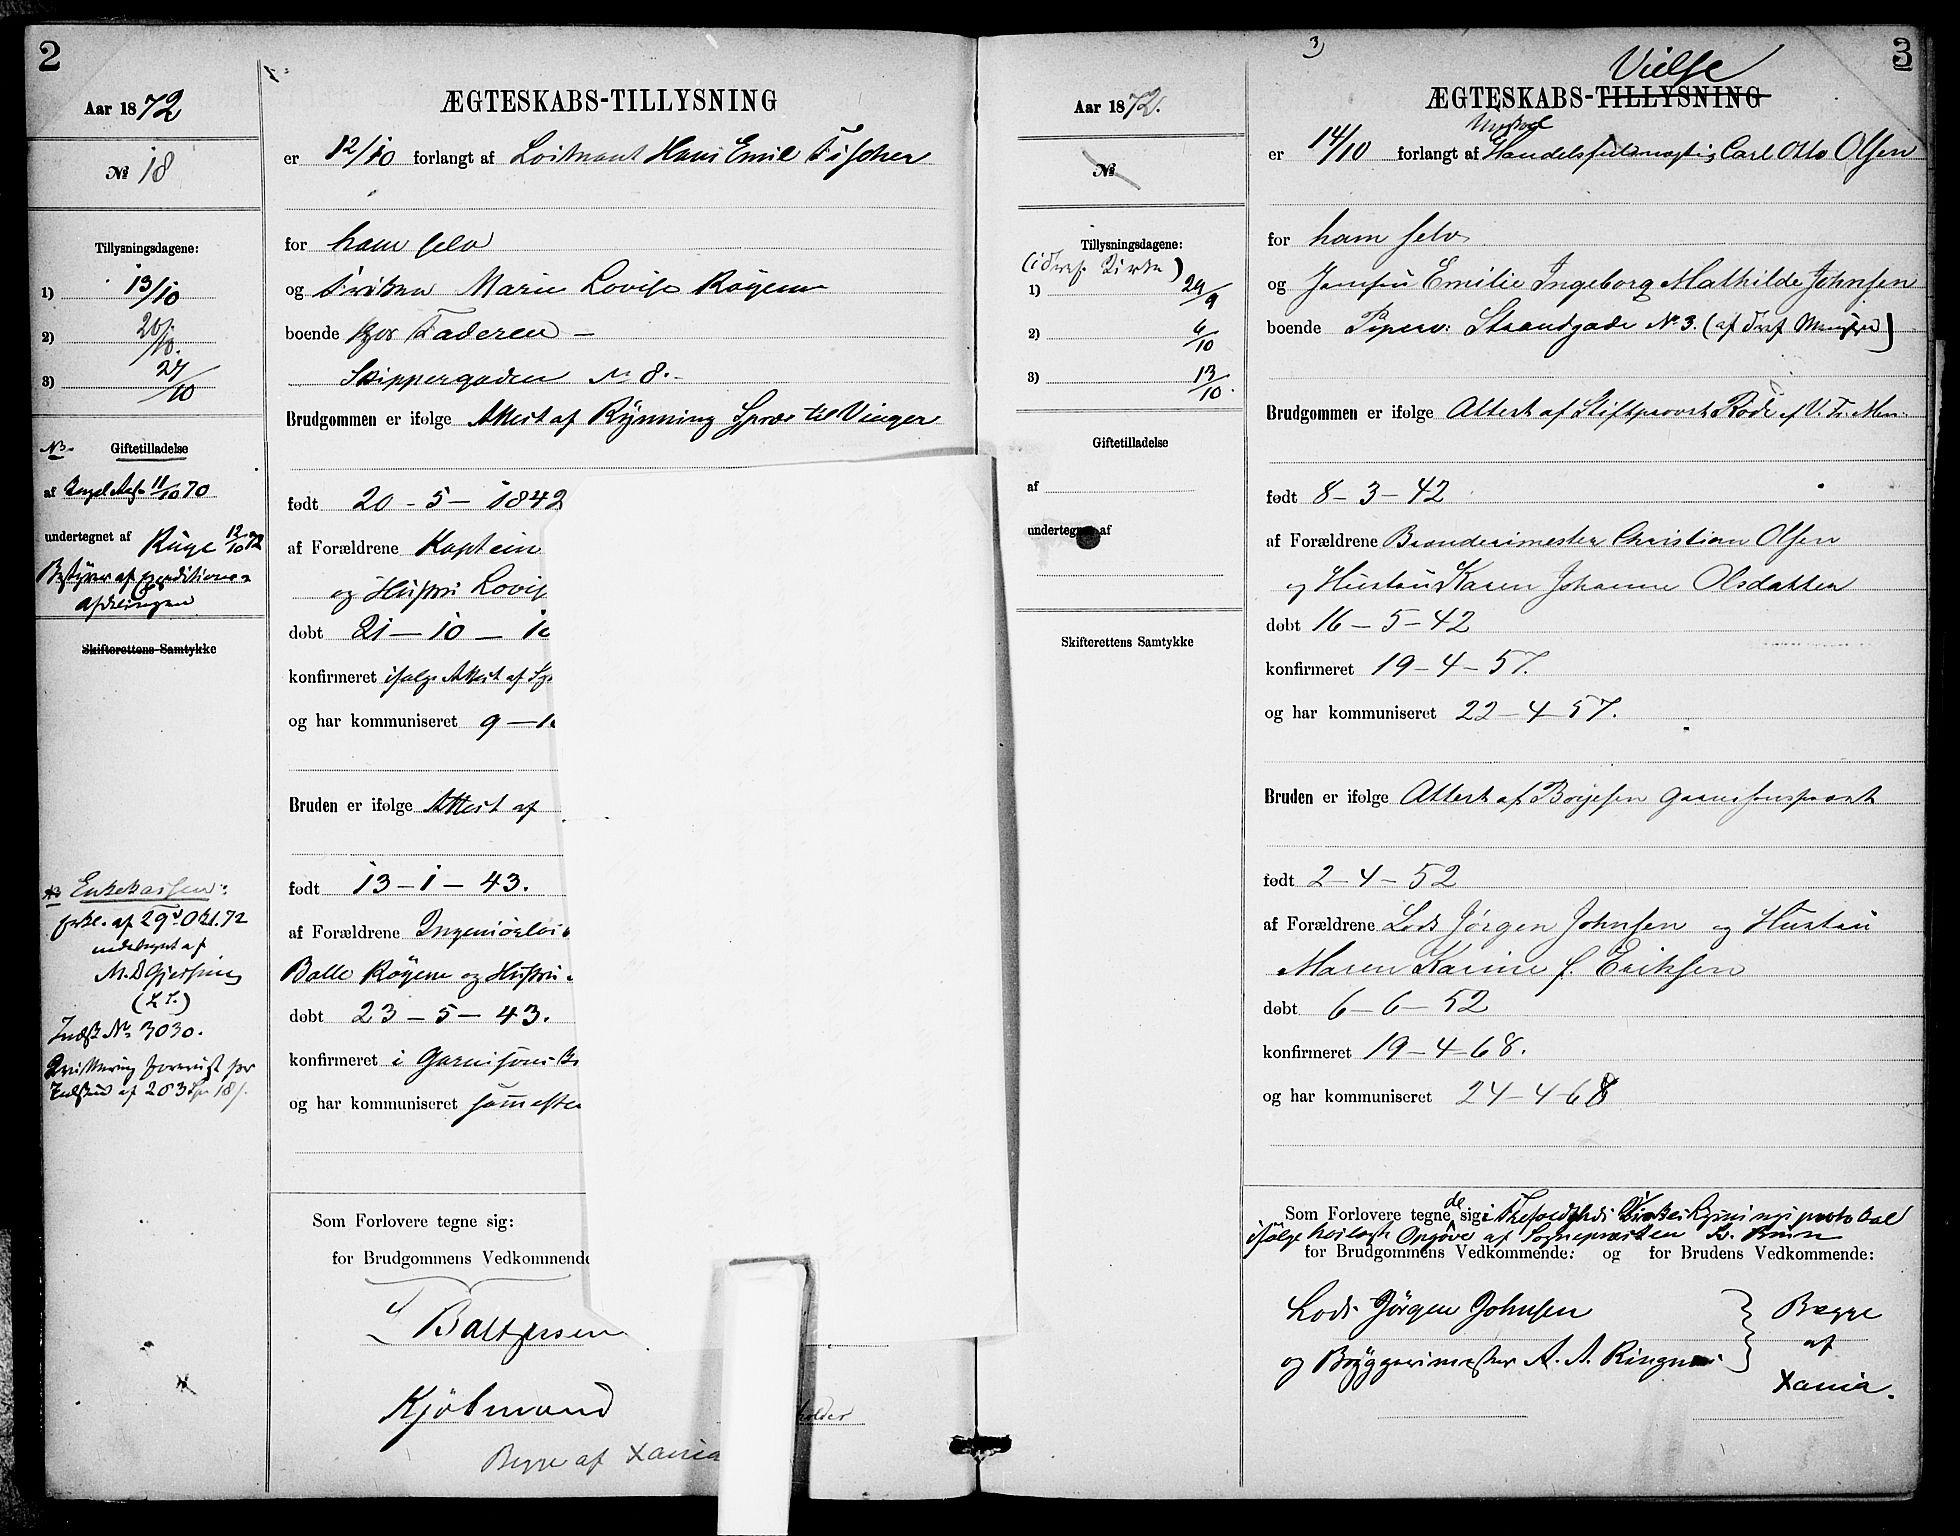 SAO, Garnisonsmenigheten Kirkebøker, H/Ha/L0007: Banns register no. I 7, 1872-1893, p. 2-3